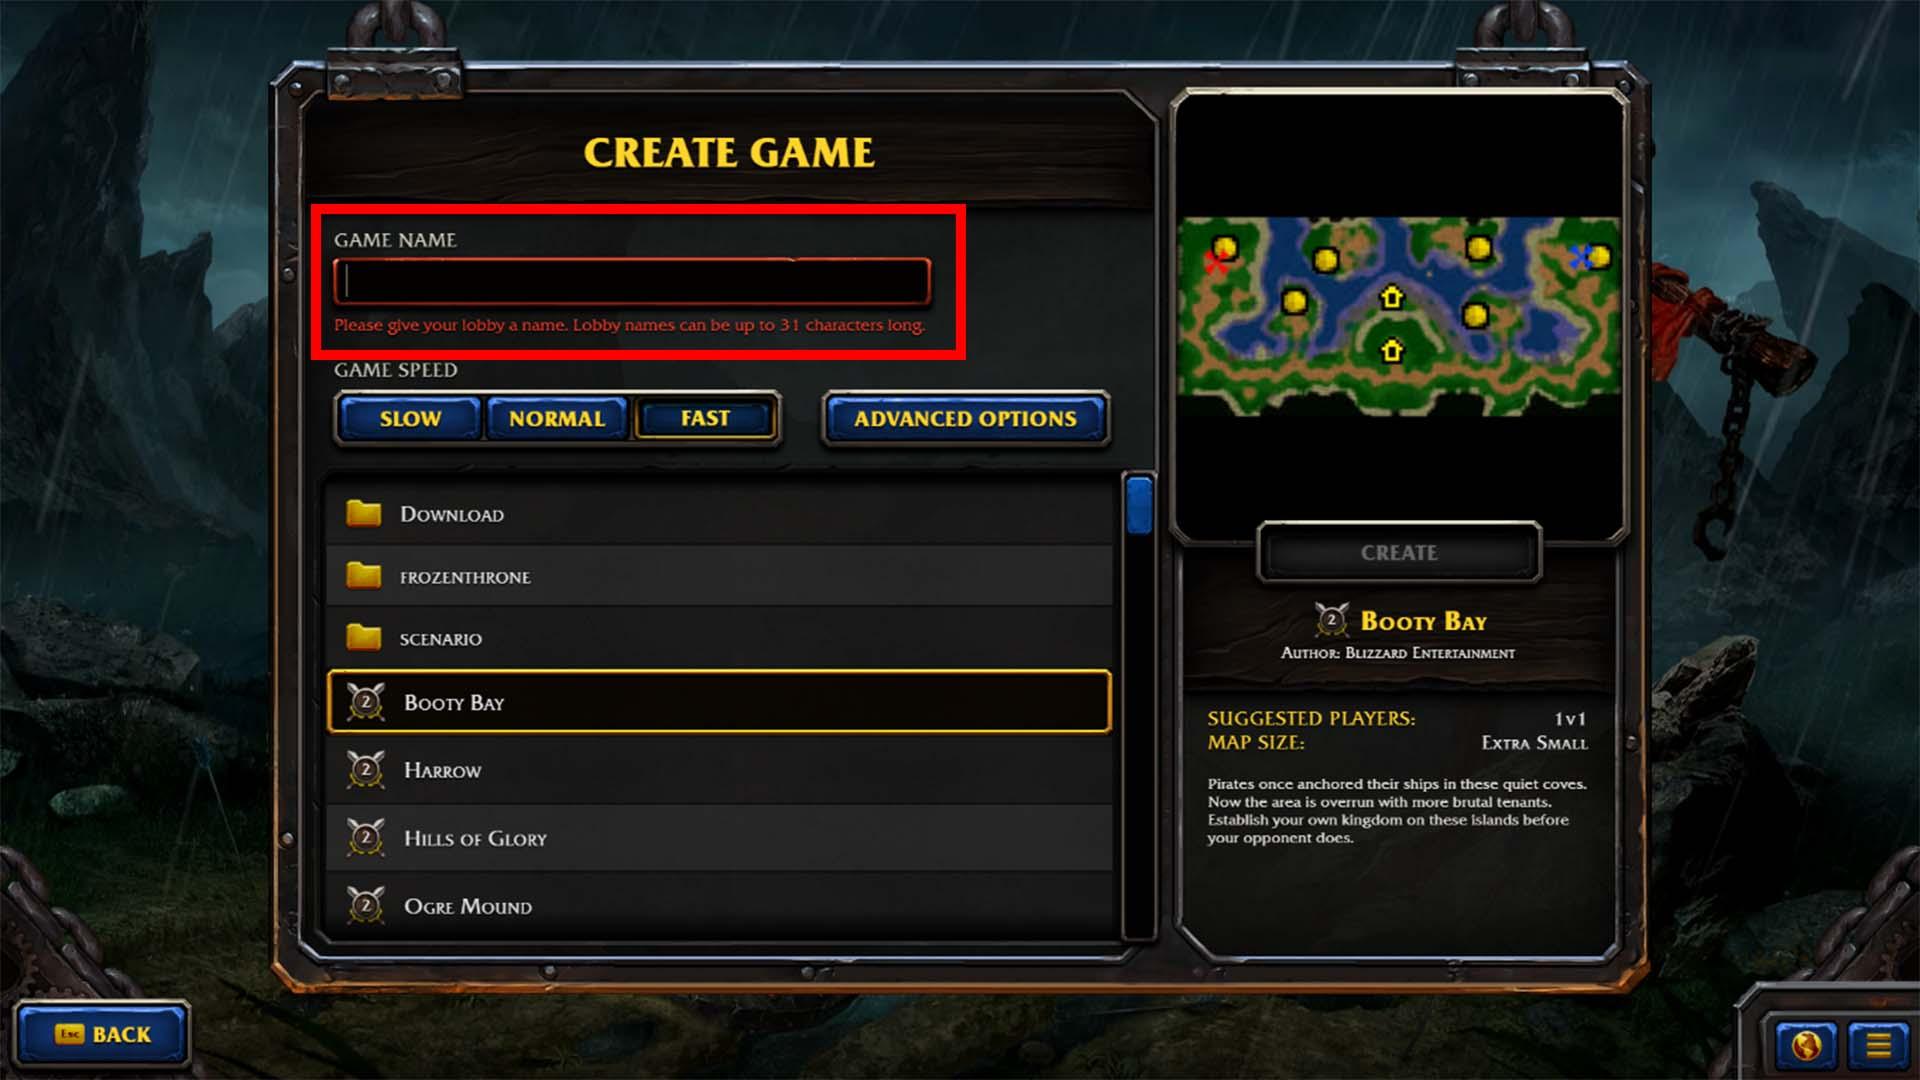 الأن يجب عليك اختيار اسم خاص بالـ Custom Game